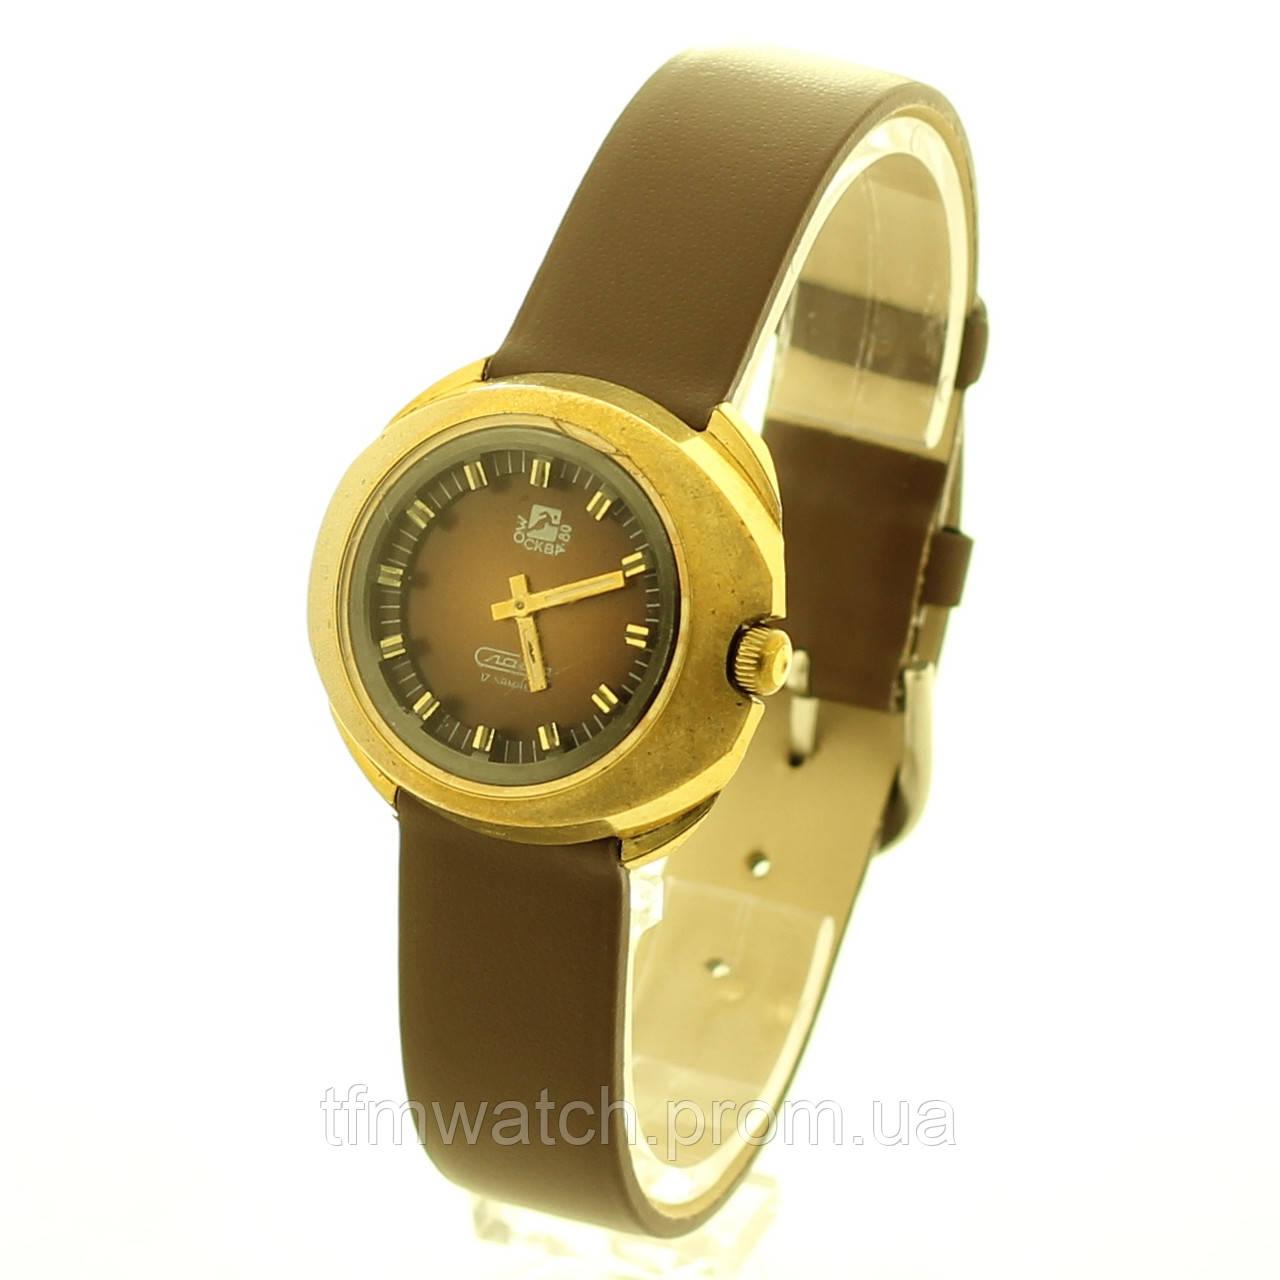 Слава механические часы СССР Олимпиада 80